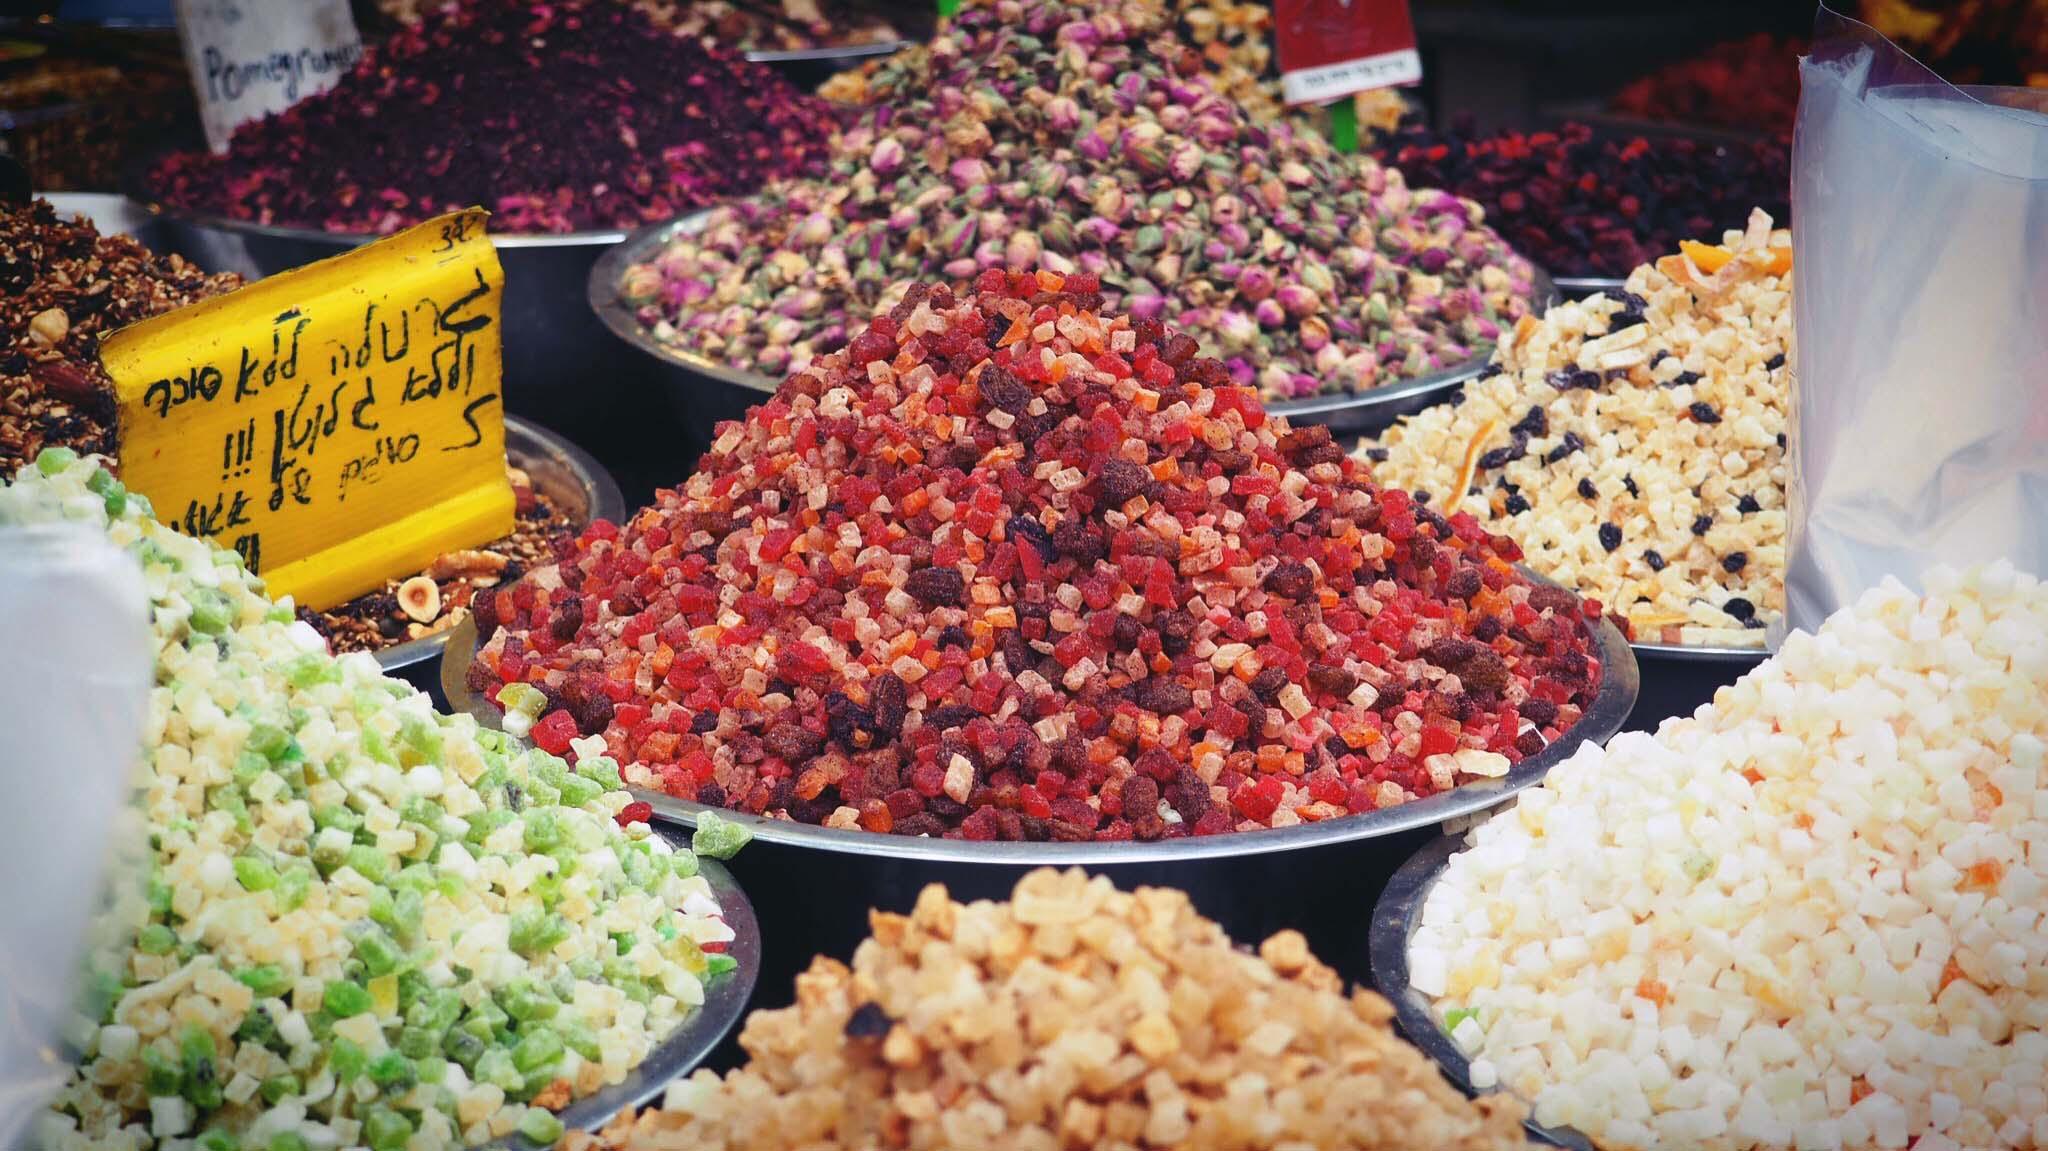 Les sucreries du Moyen-Orient - Israël